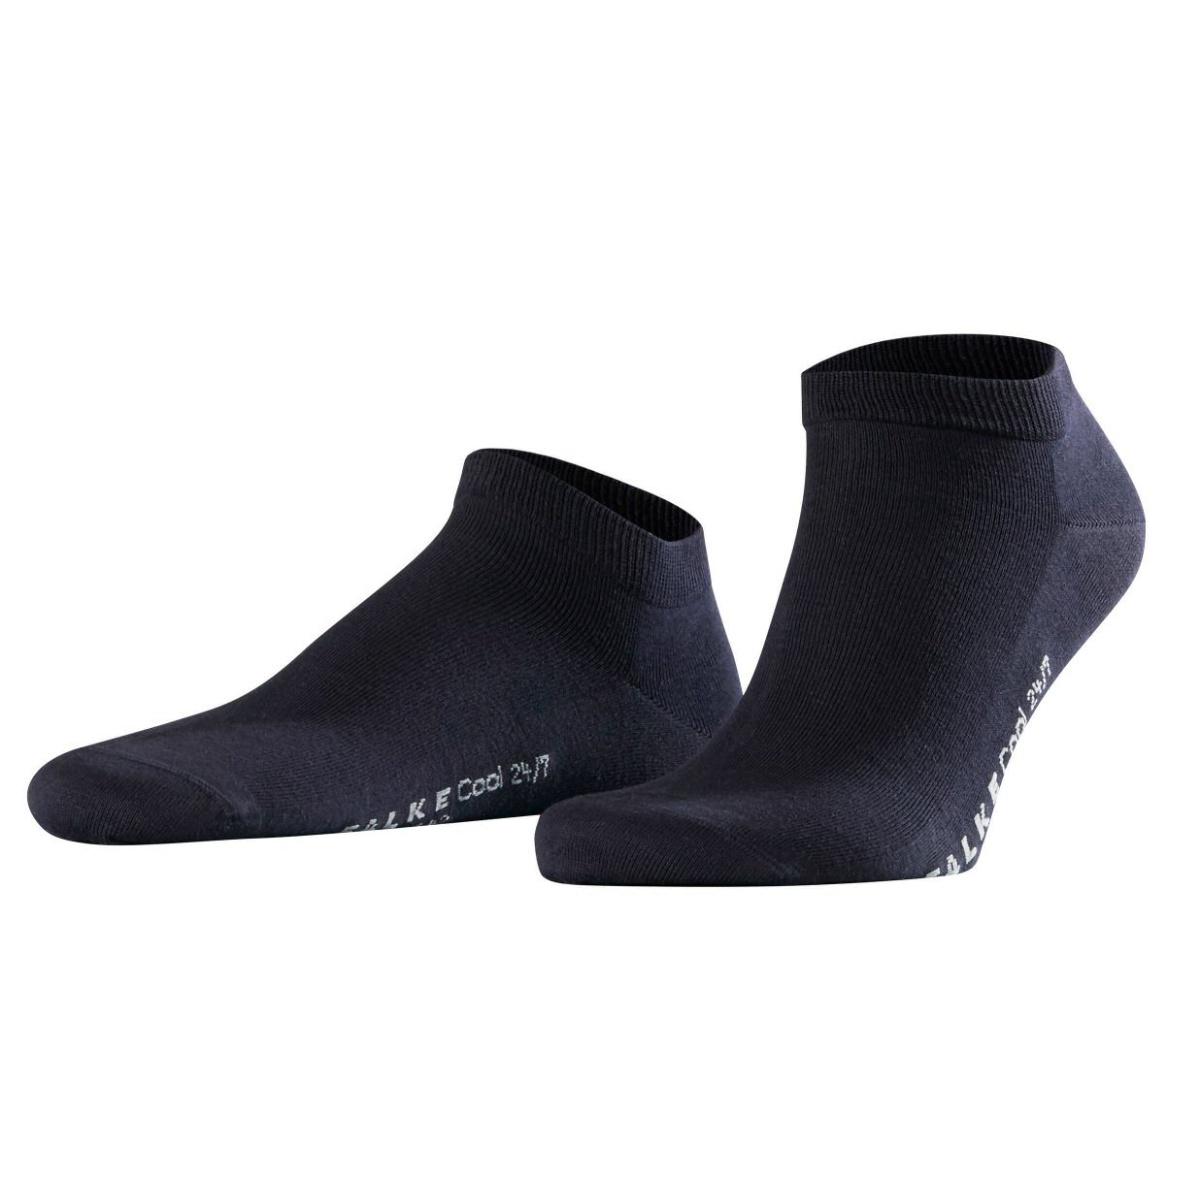 Falke Tagessocke Cool 247 Sneaker dunkel navy Herren 1er